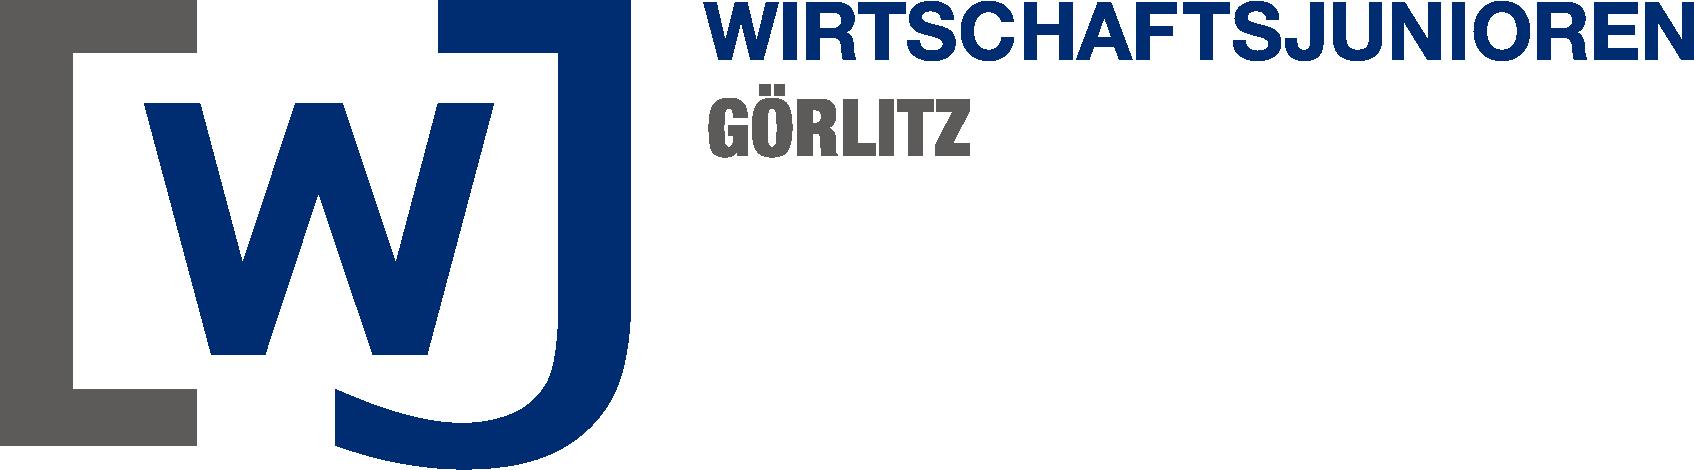 Wirtschaftsjunioren Görlitz